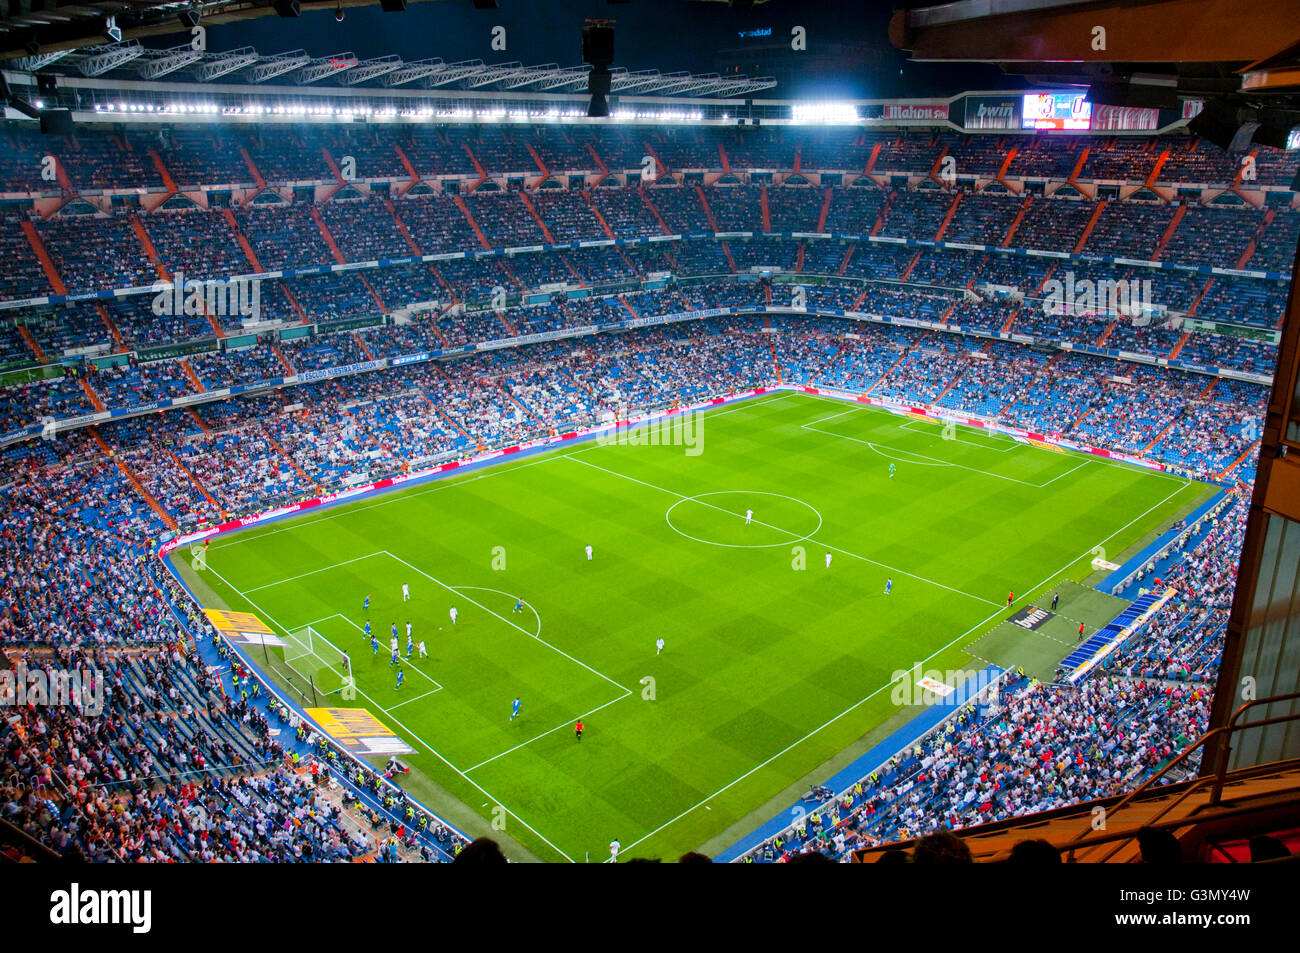 Spiel Real Madrid gegen Getafe, Santiago-Bernabéu-Stadion. Nachtansicht. Madrid, Spanien. Stockbild